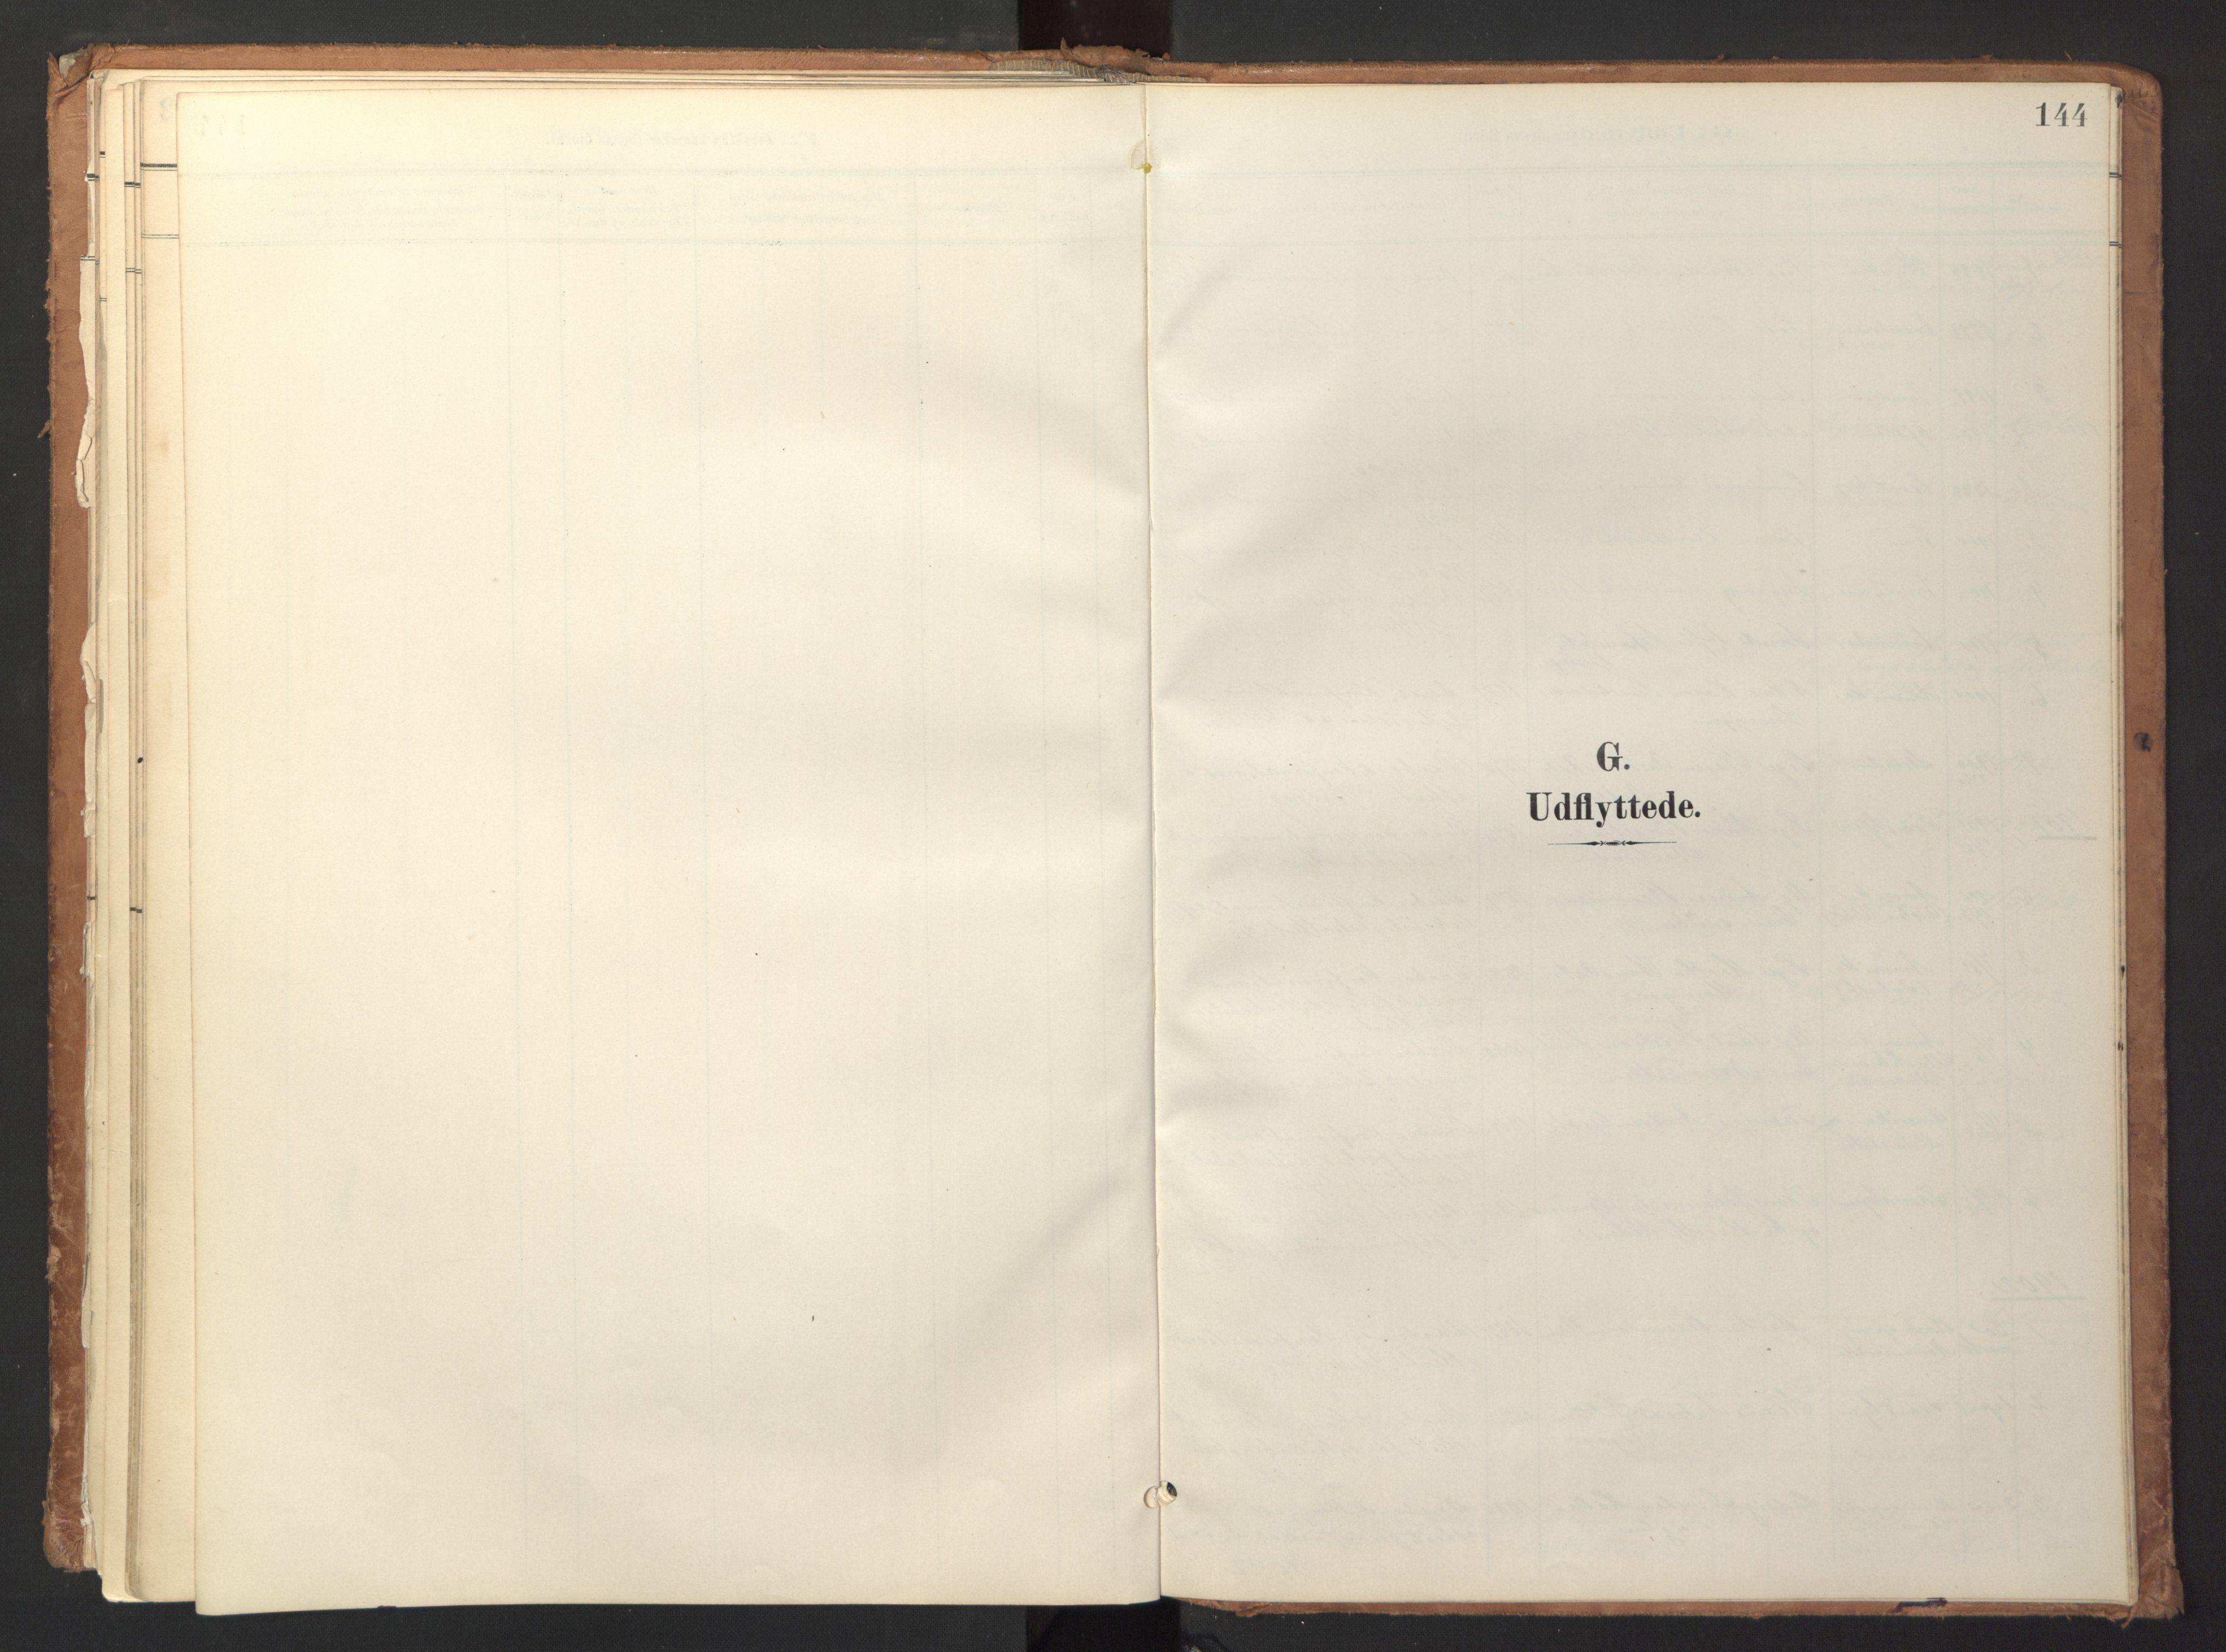 SAT, Ministerialprotokoller, klokkerbøker og fødselsregistre - Sør-Trøndelag, 618/L0448: Ministerialbok nr. 618A11, 1898-1916, s. 144